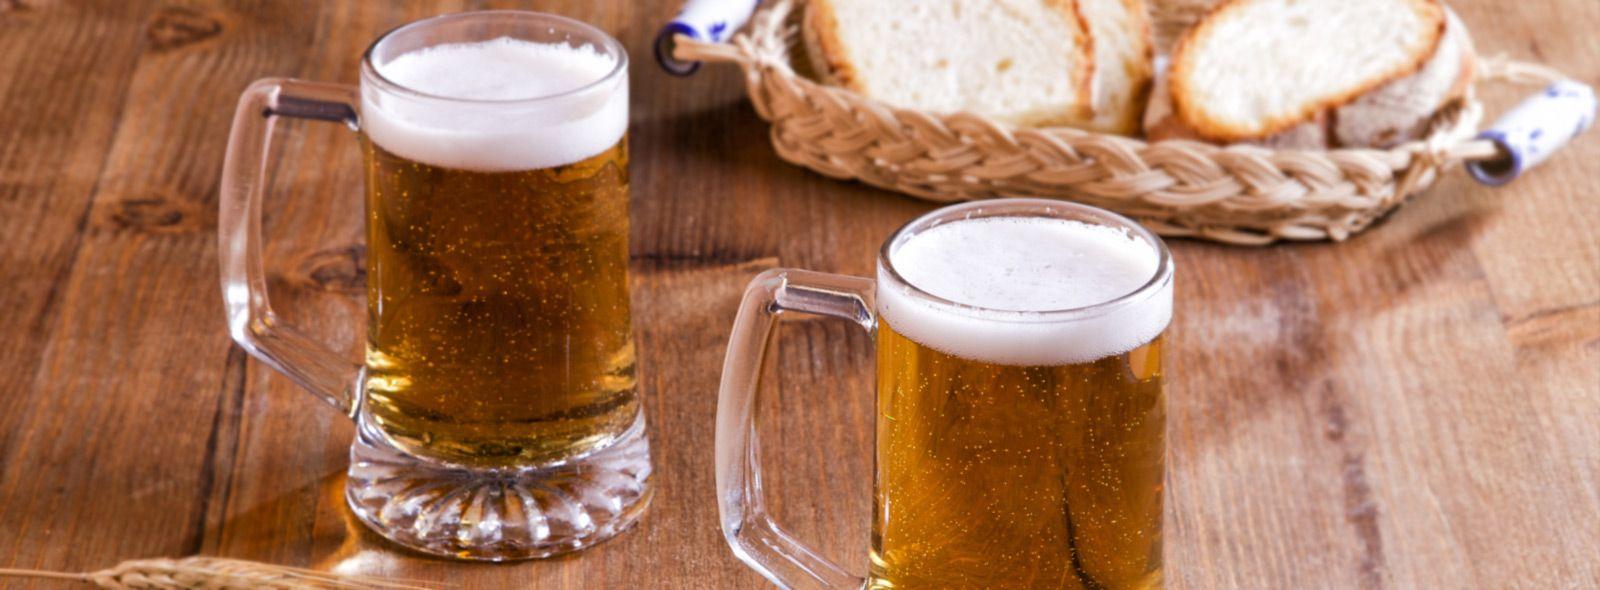 Le migliori birre artigianali italiane